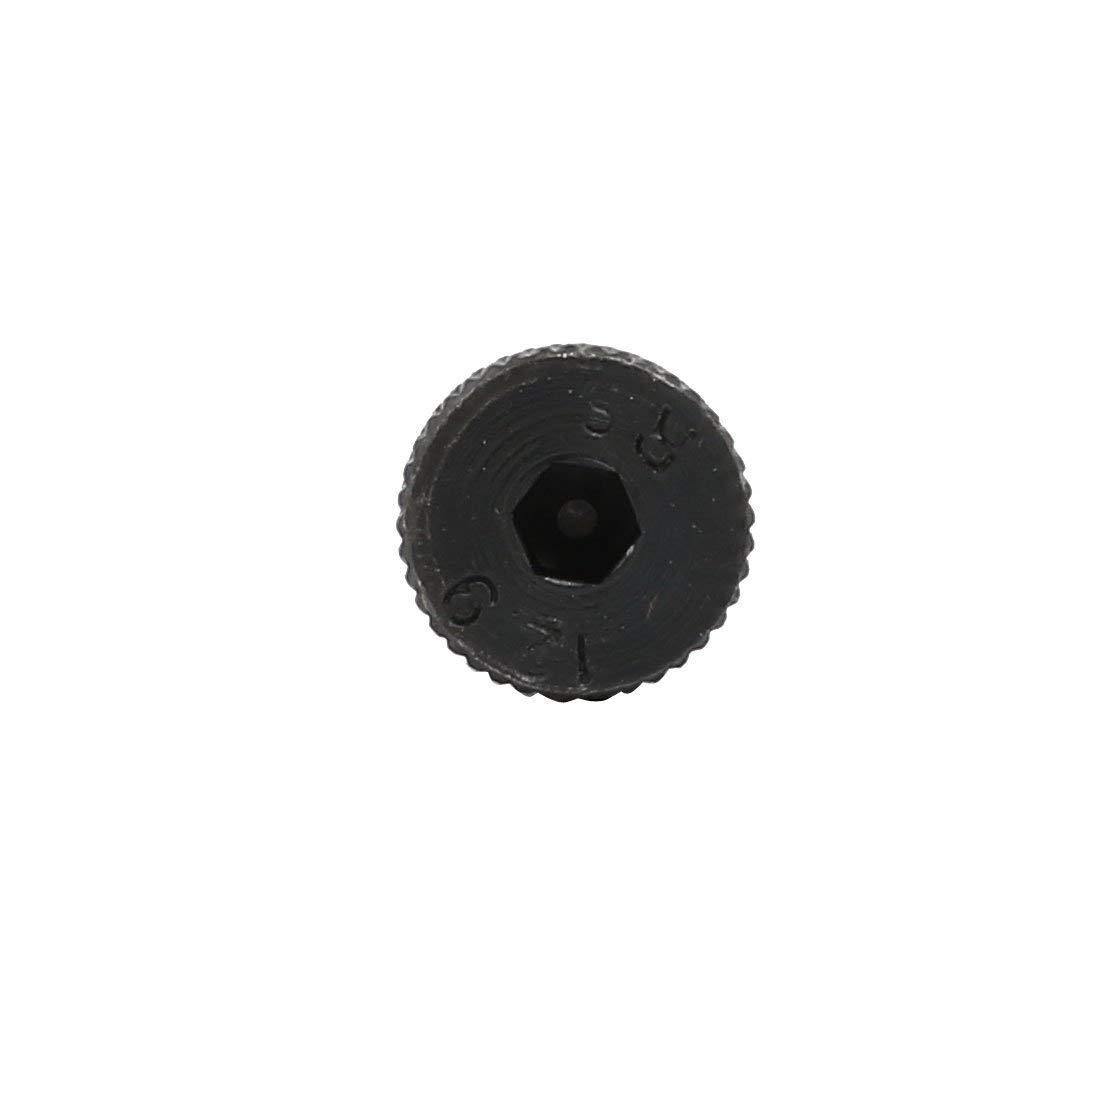 10pcs 40Cr Steel Shoulder Bolt 8 mm Shoulder Diameter 60 mm Shoulder Length Thread M6x12mm